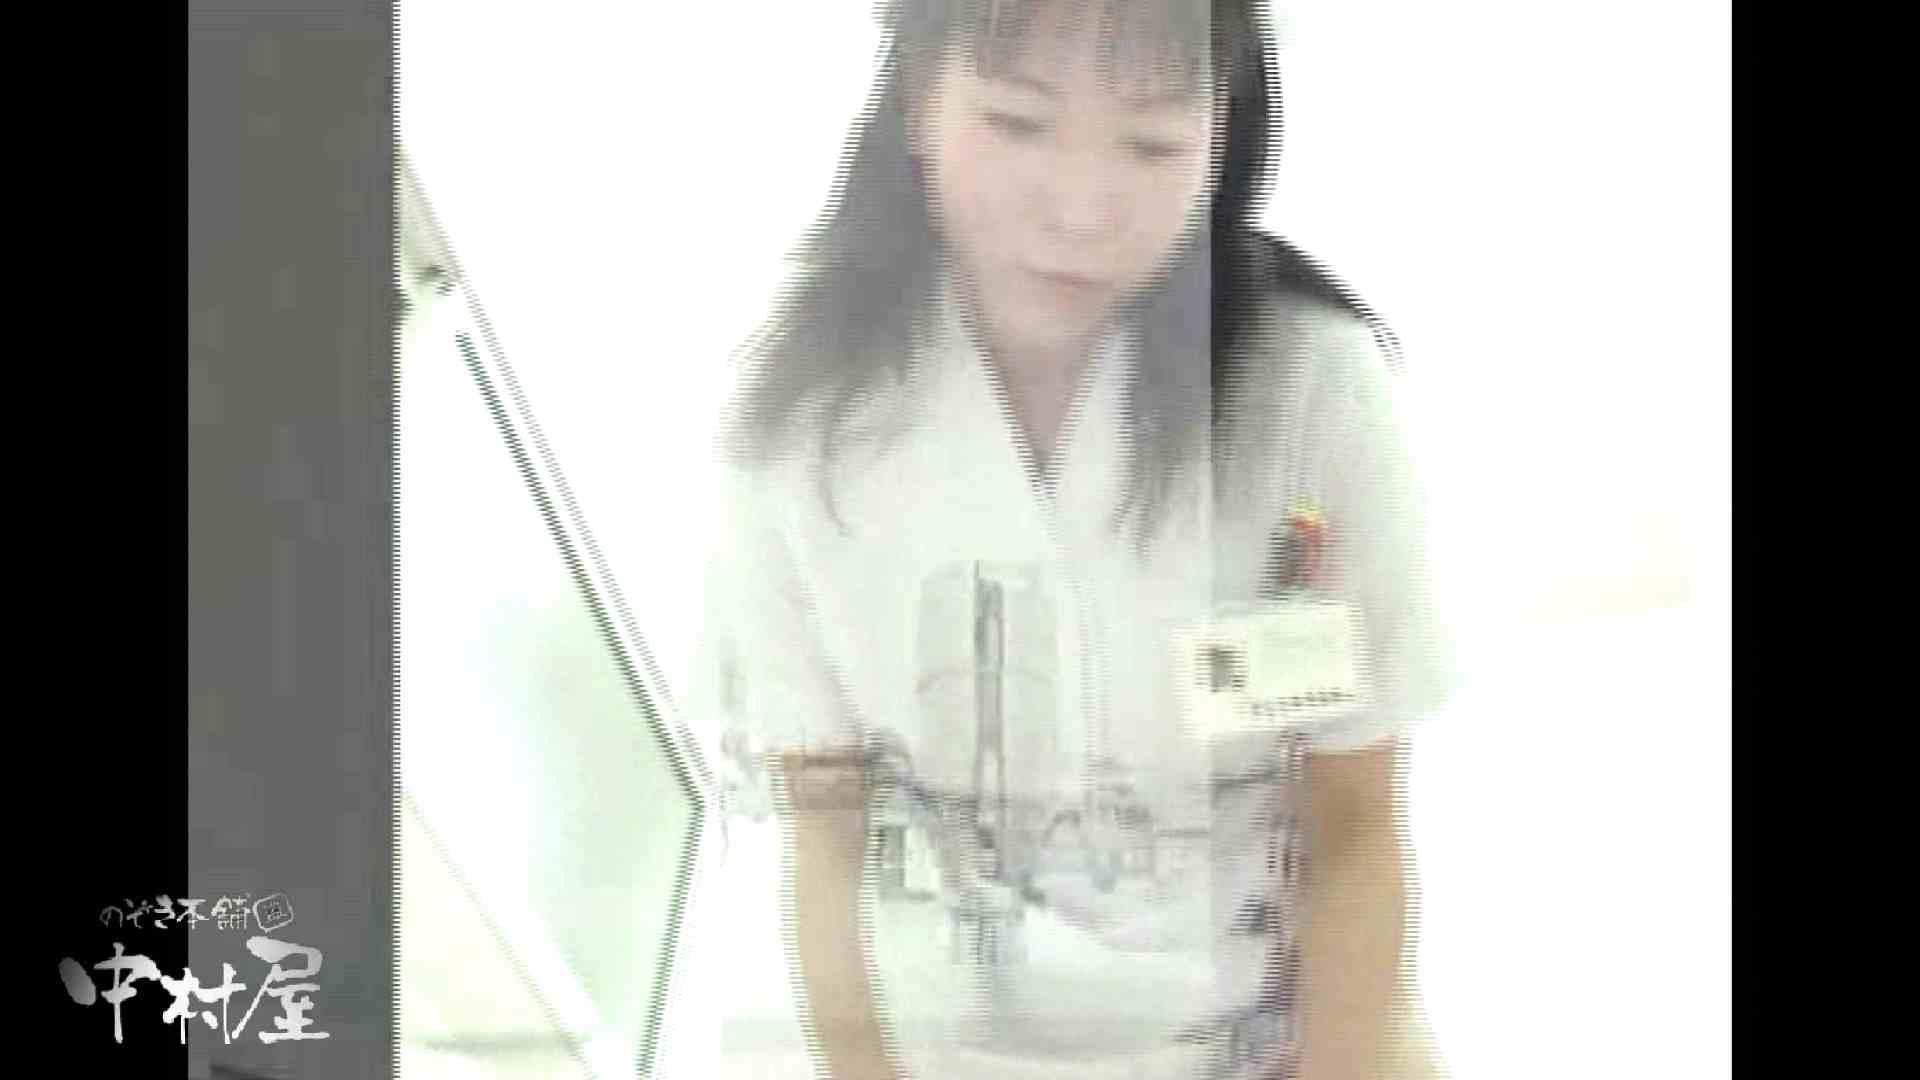 都内某大学病院編 和式イ更所盗撮 その② 3名 盗撮 すけべAV動画紹介 56連発 20